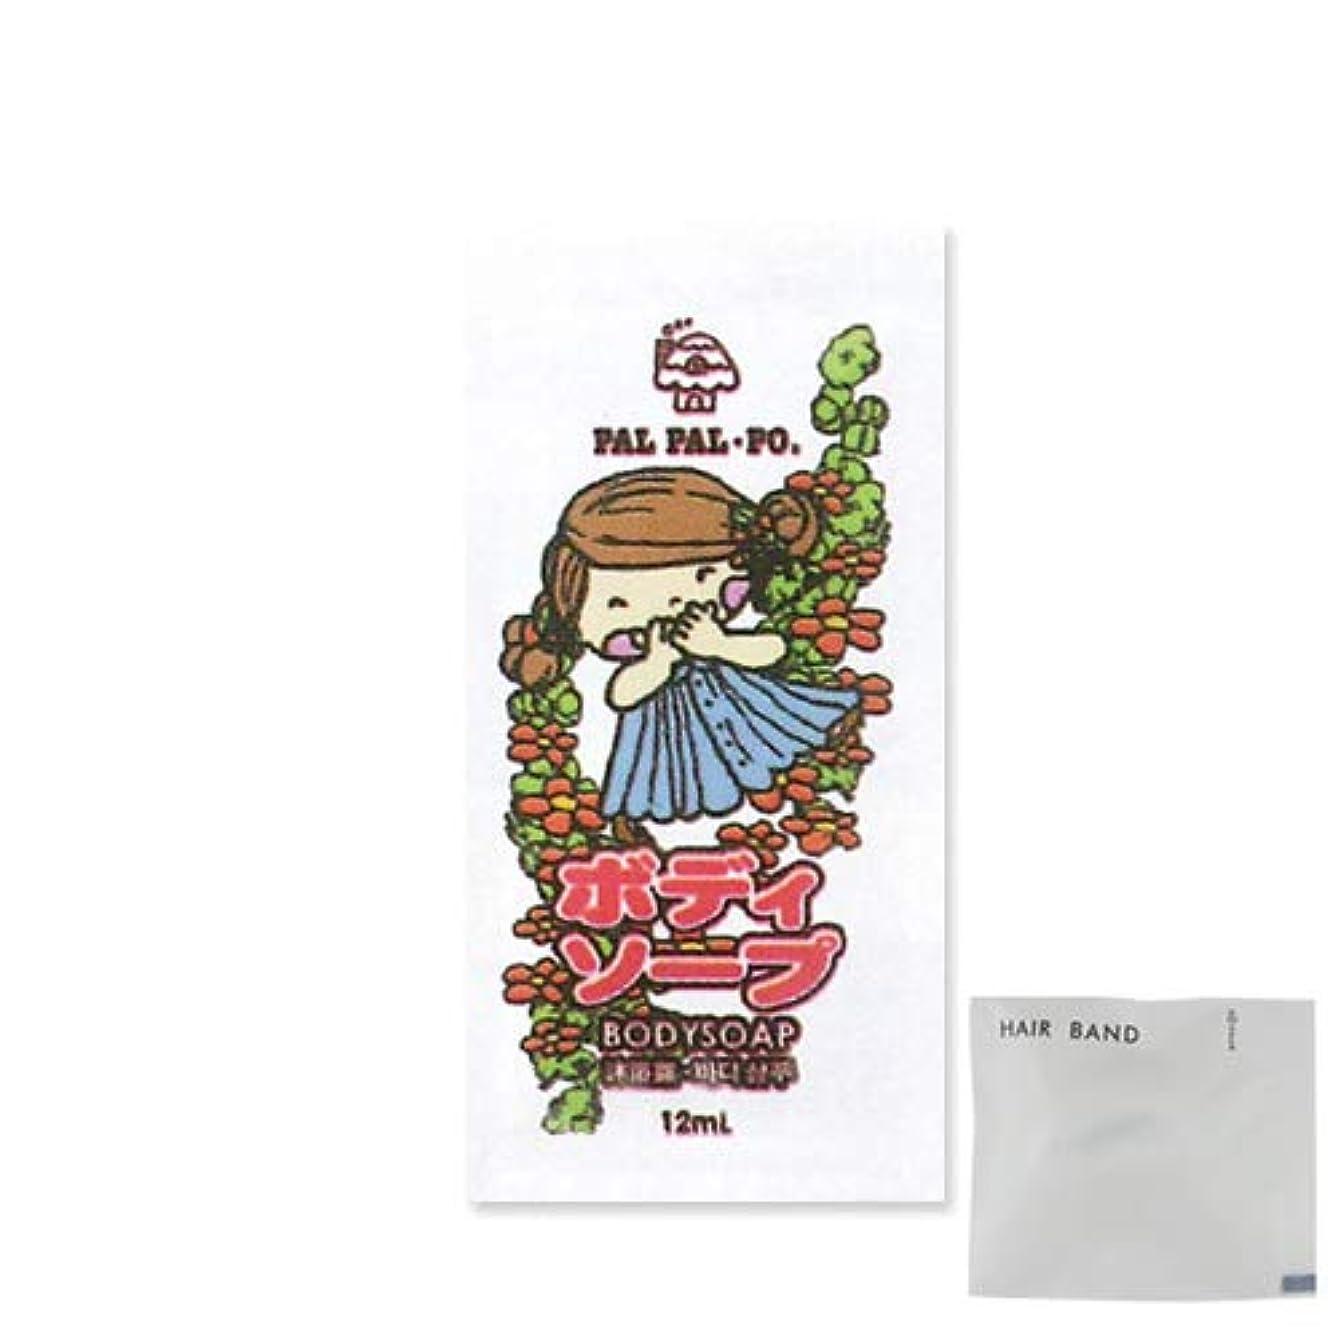 心理学アンケート平野パルパルポー(PAL PAL?PO) 子供用 ボディソープ(12mL) フローラルの香り ×20個セット + ヘアゴム(カラーはおまかせ)セット